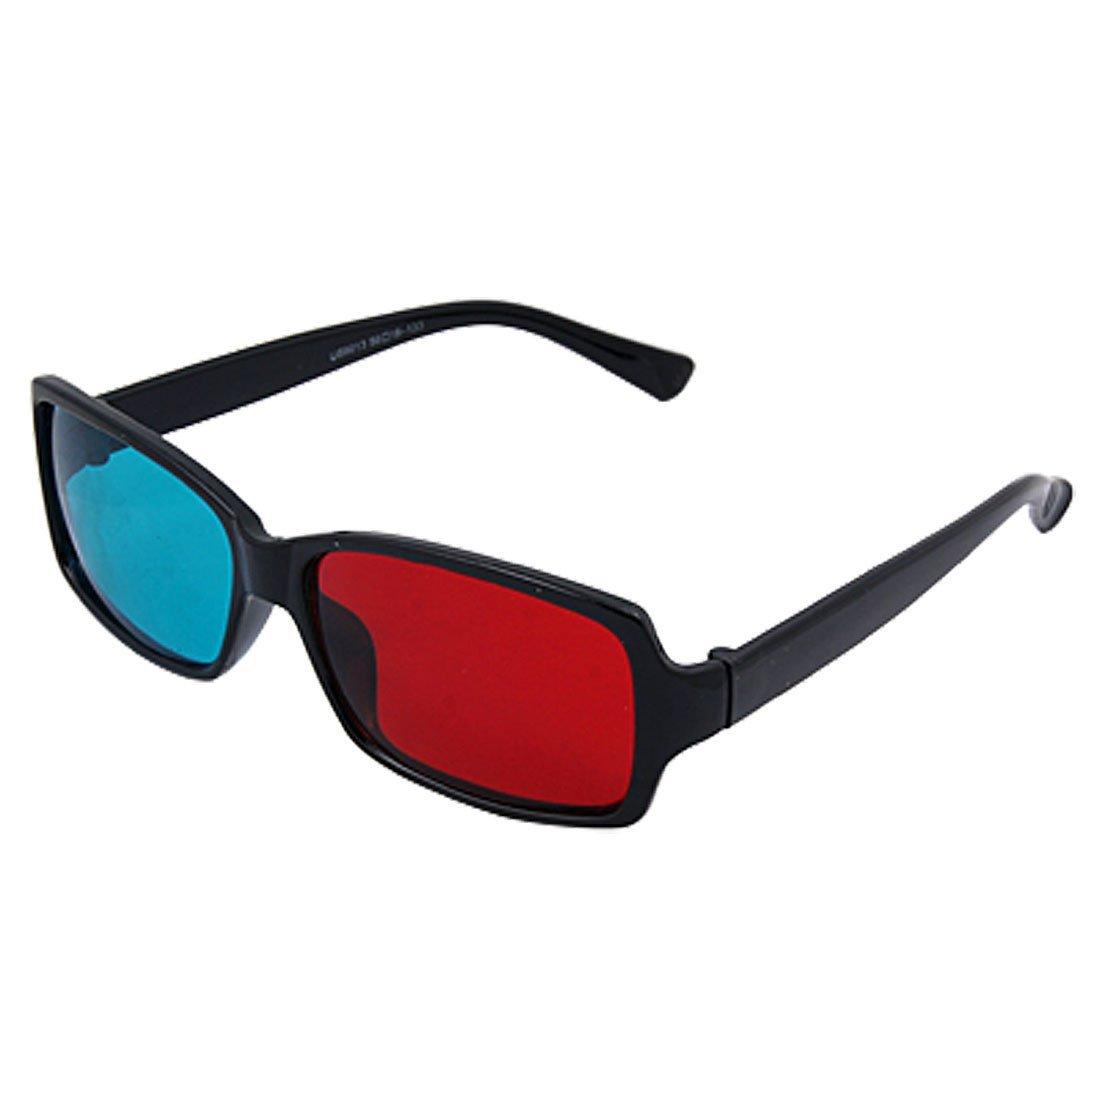 Negro lleno-borde rojo-cian gafas anaglifo 3D para el juego de la ...